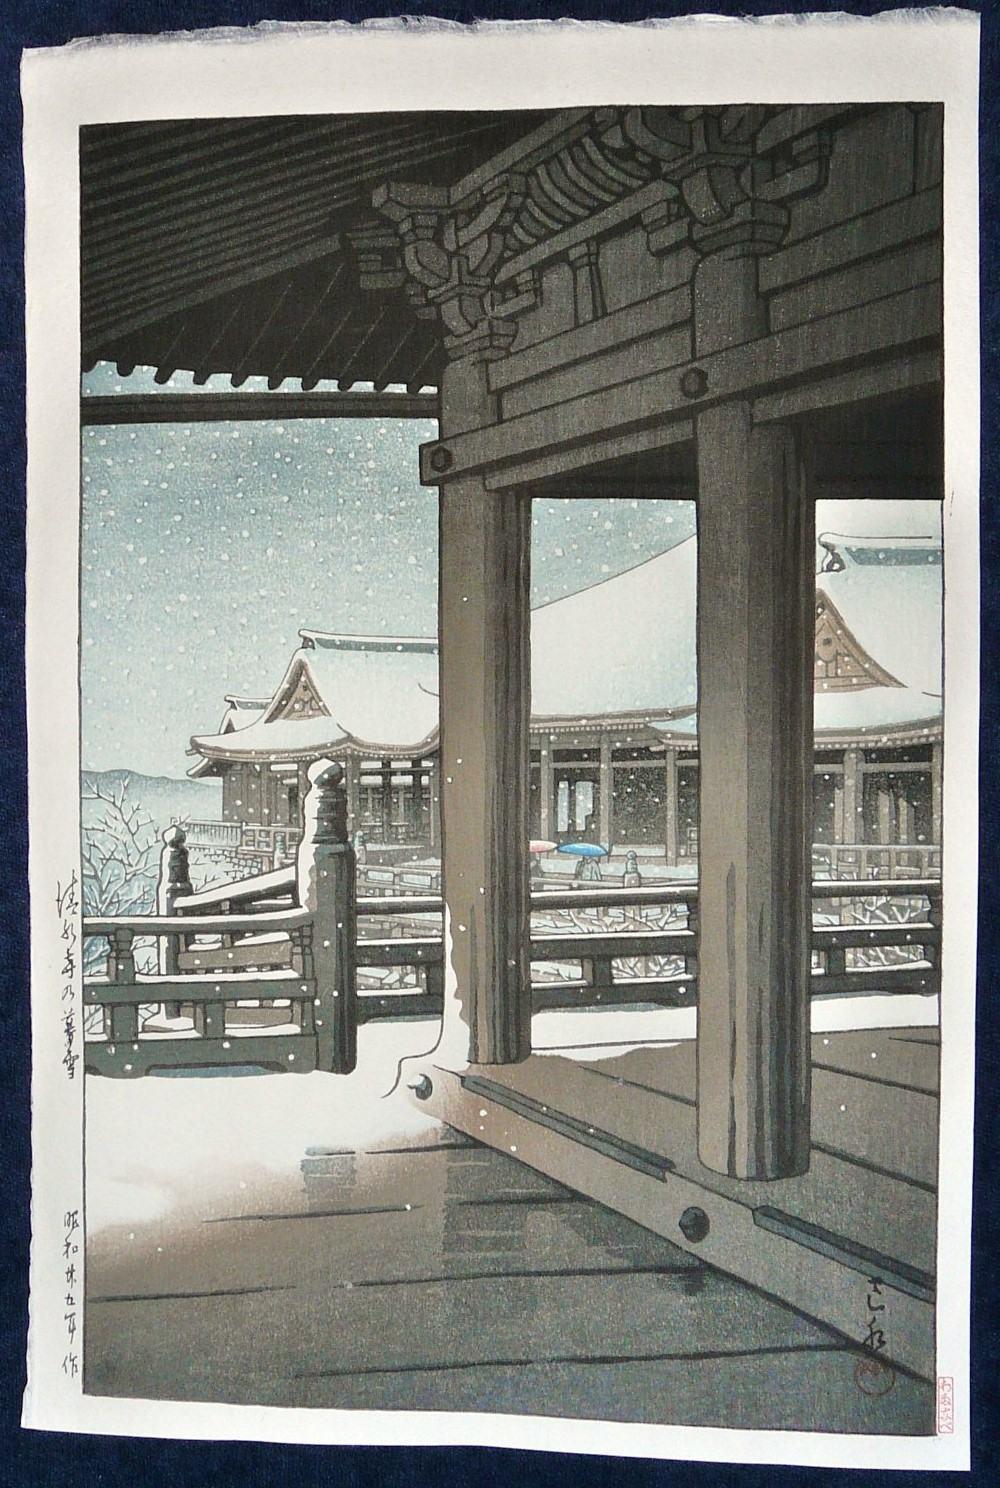 KAWASE HASUI: #P3629 SNOW FALL AT KIYOMIZU TEMPLE, KYOTO